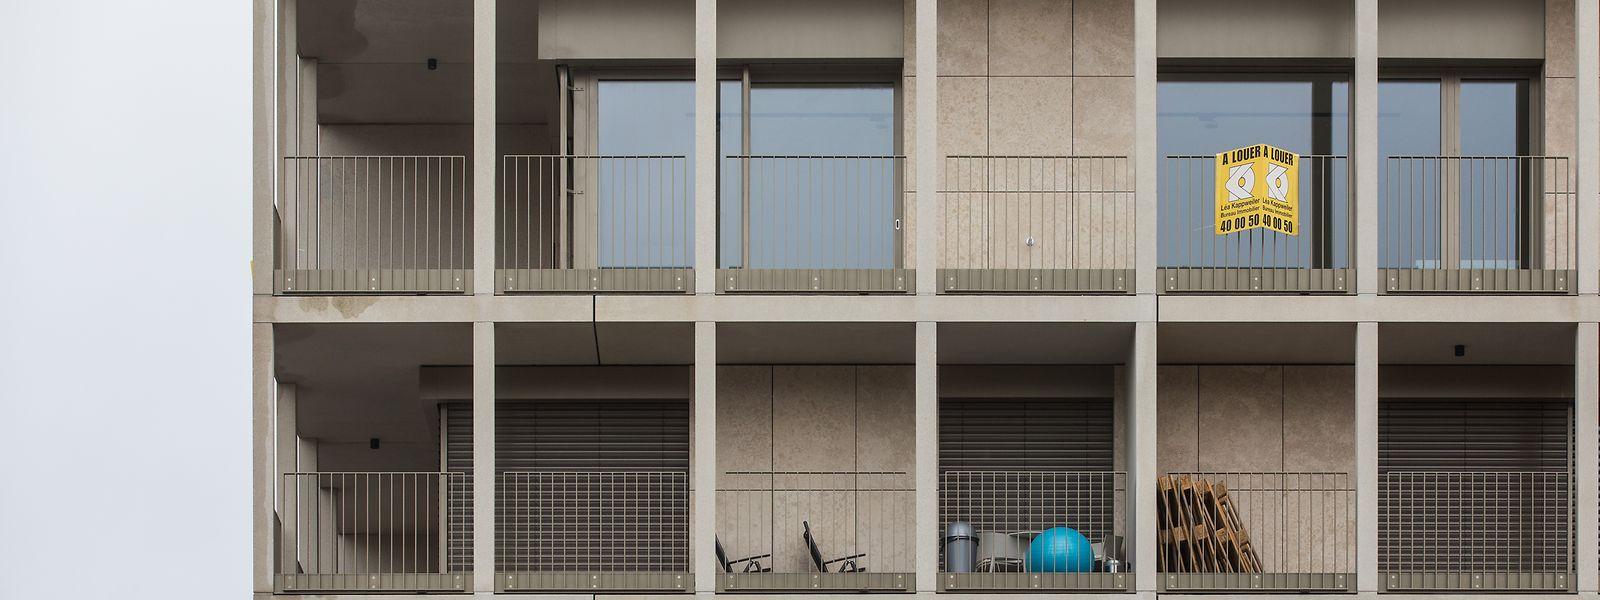 Selon les estimations du gouvernement, 6% des logements au Luxembourg seraient inoccupés. Soit quelque 14.600 unités.